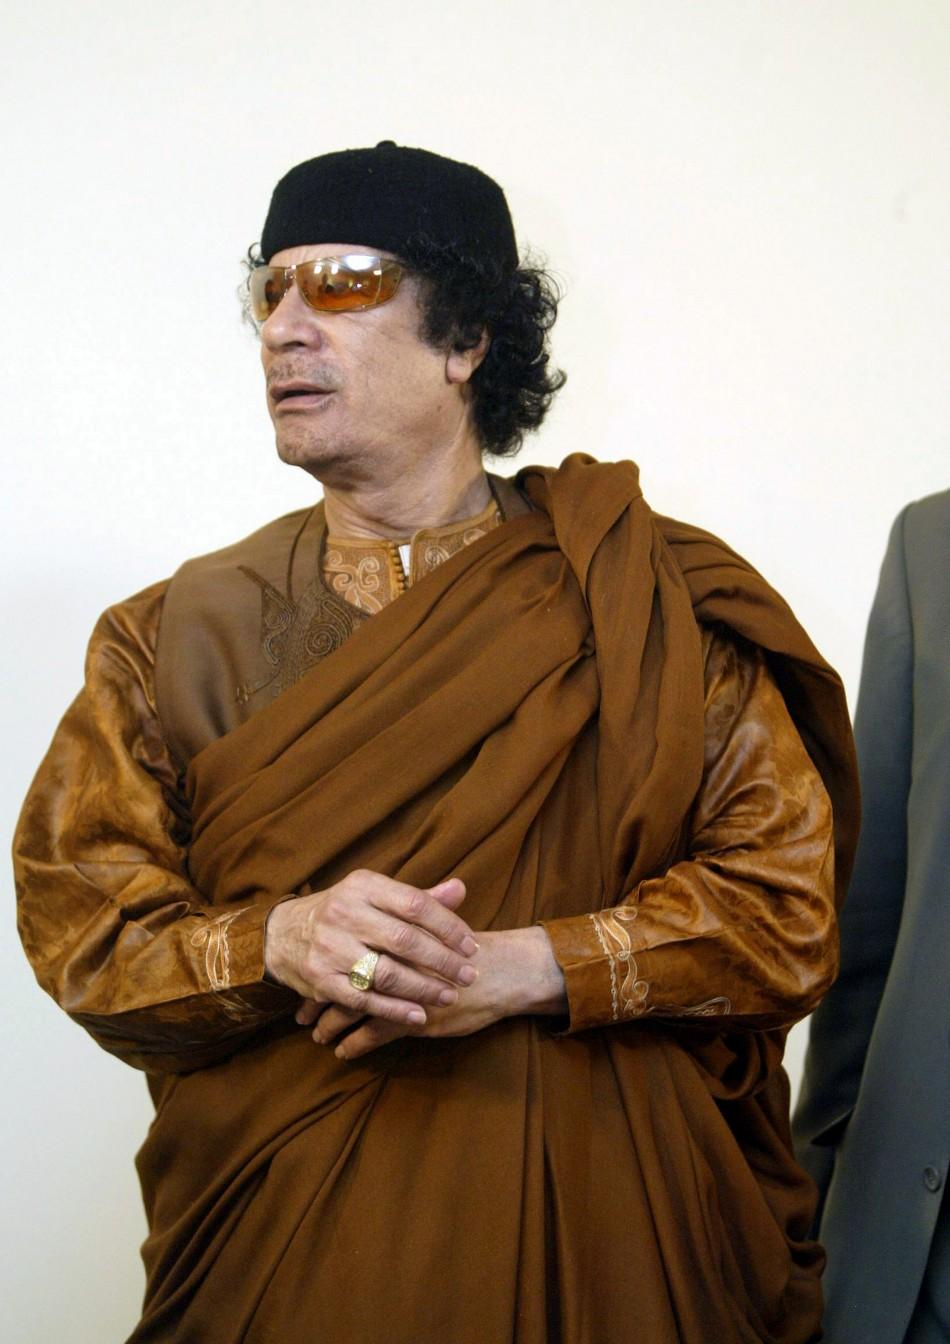 Former Libyan leader Muammar Gaddafi